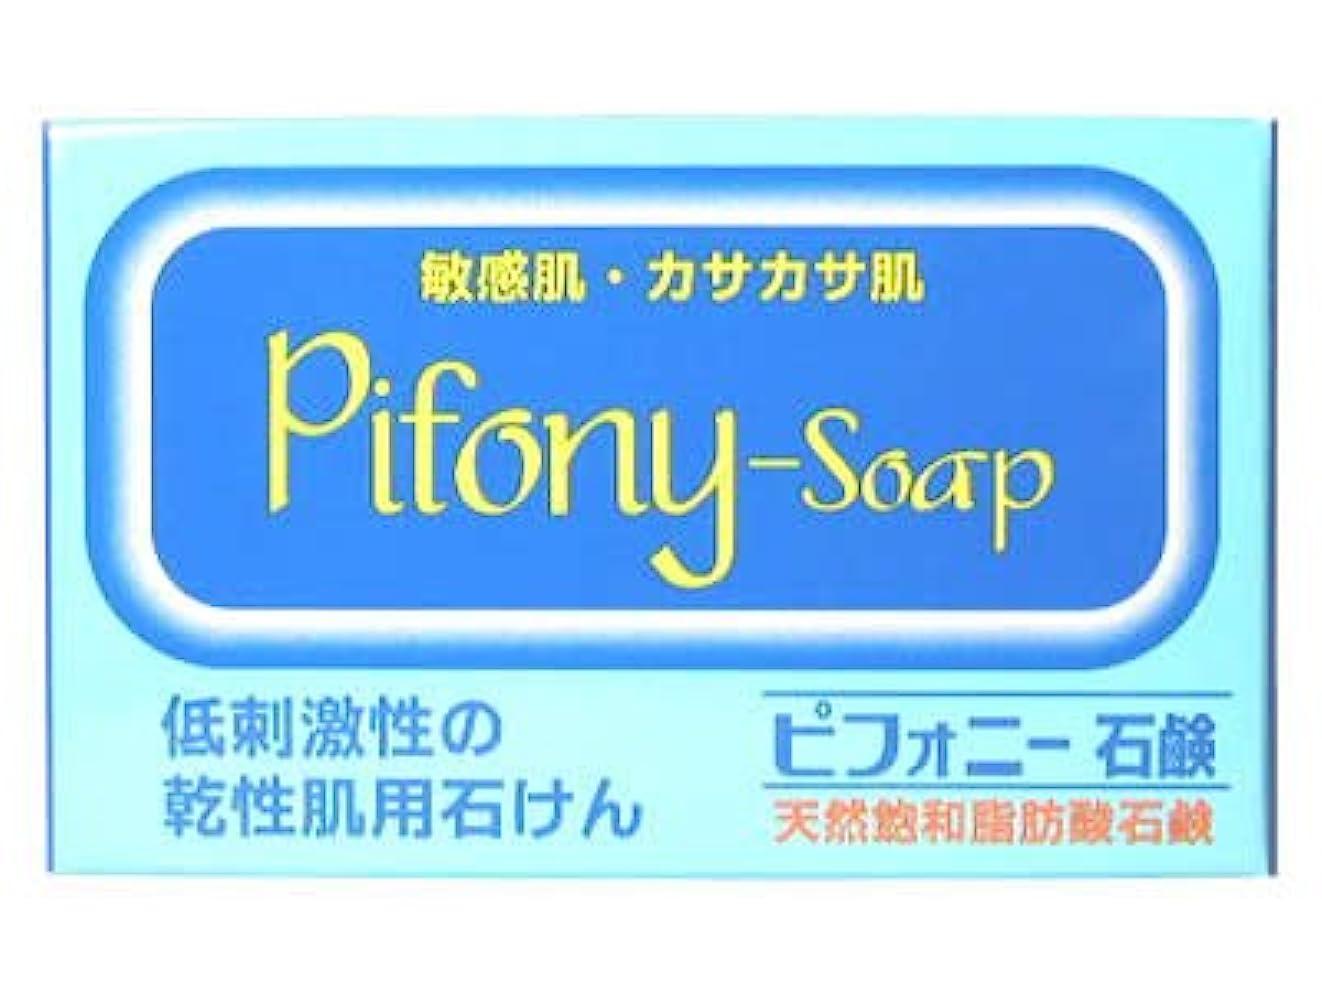 偶然のれんセットアップピフォニー石鹸 100g